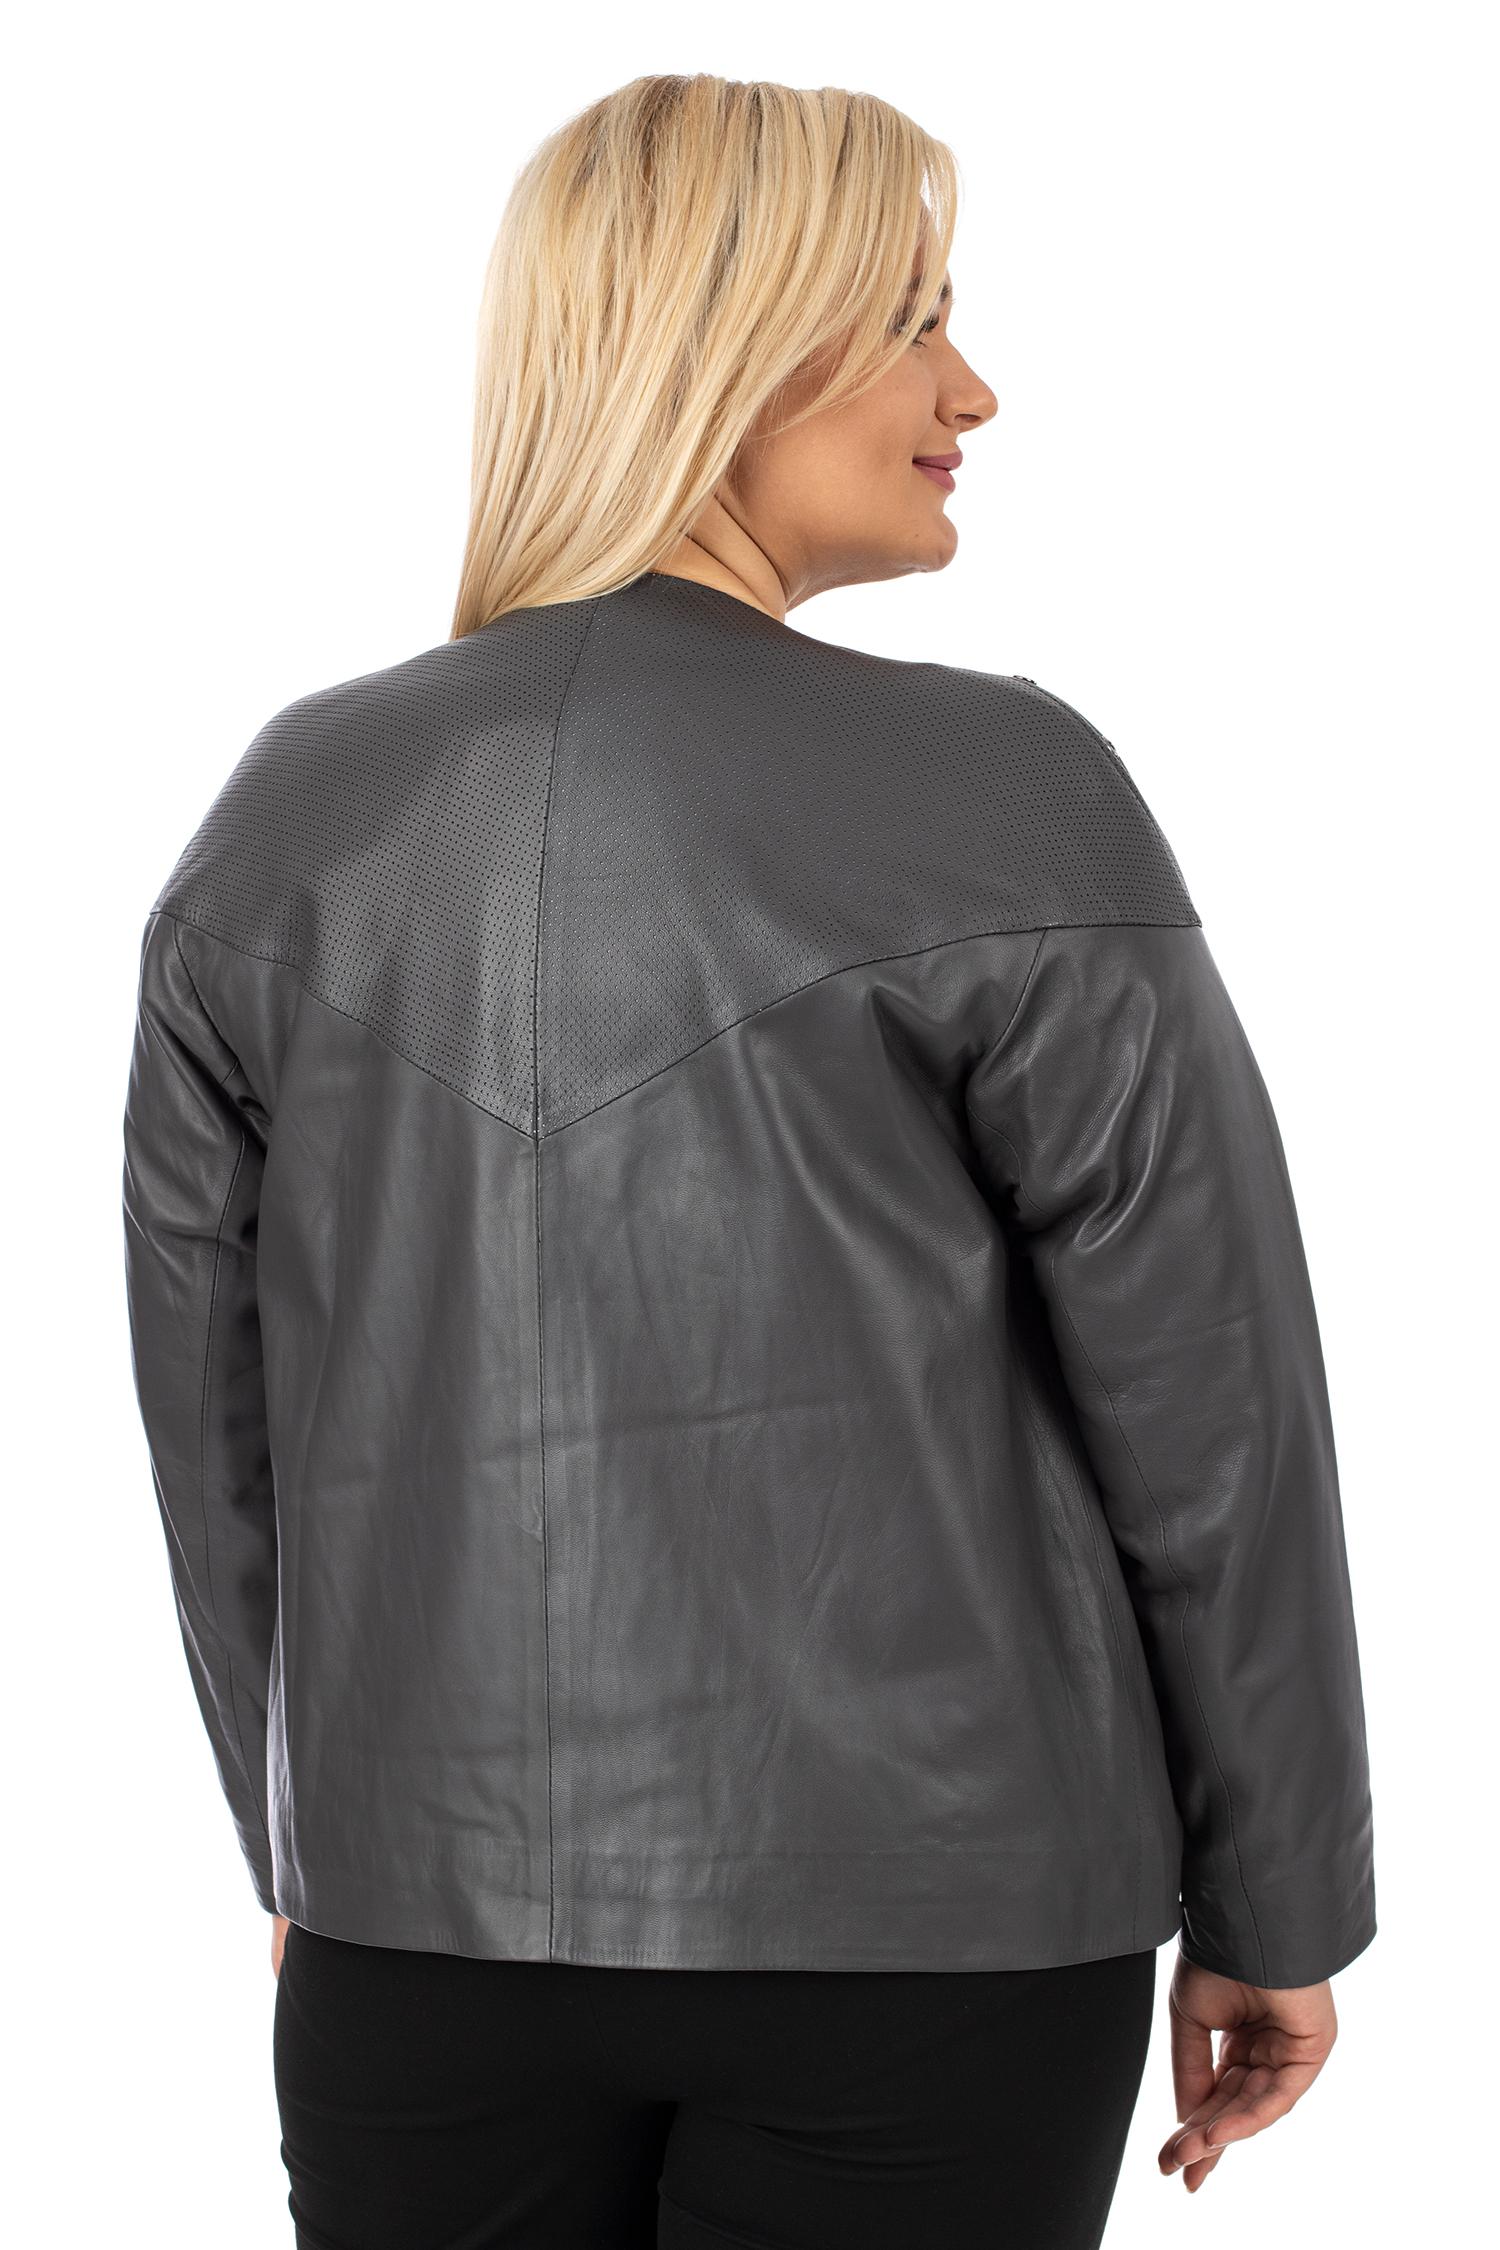 Фото 3 - Женская кожаная куртка из натуральной кожи без воротника от МОСМЕХА серого цвета